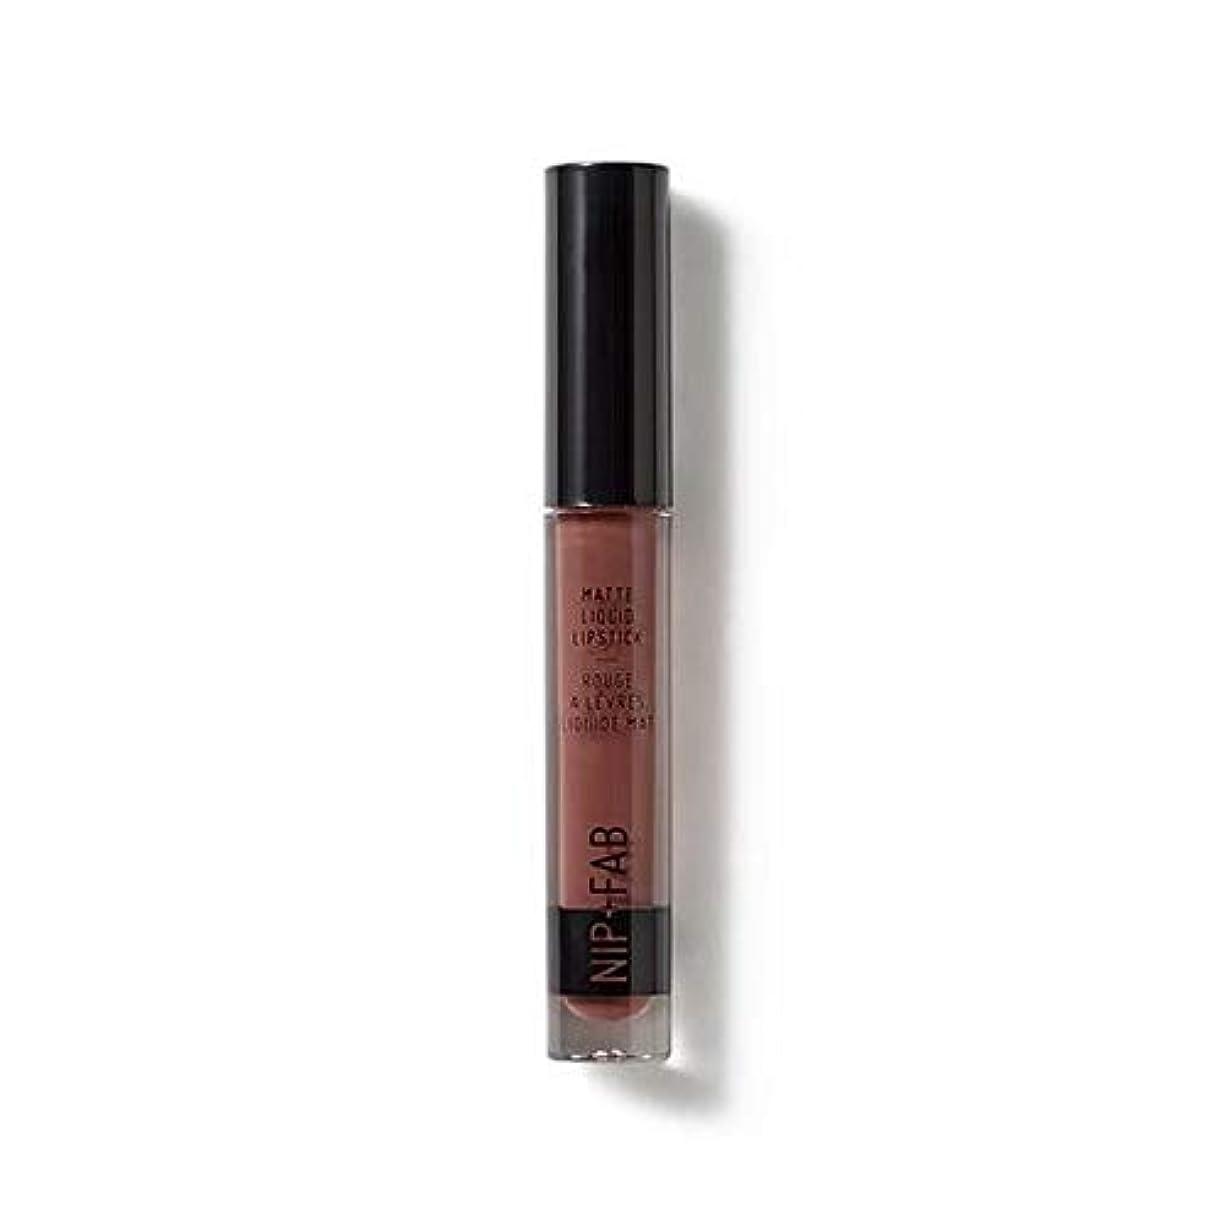 スクリーチ恨み覚えている[Nip & Fab ] マット液状口紅2.6ミリリットルブラウニー50を構成するFab +ニップ - NIP+FAB Make Up Matte Liquid Lipstick 2.6ml Brownie 50 [並行輸入品]